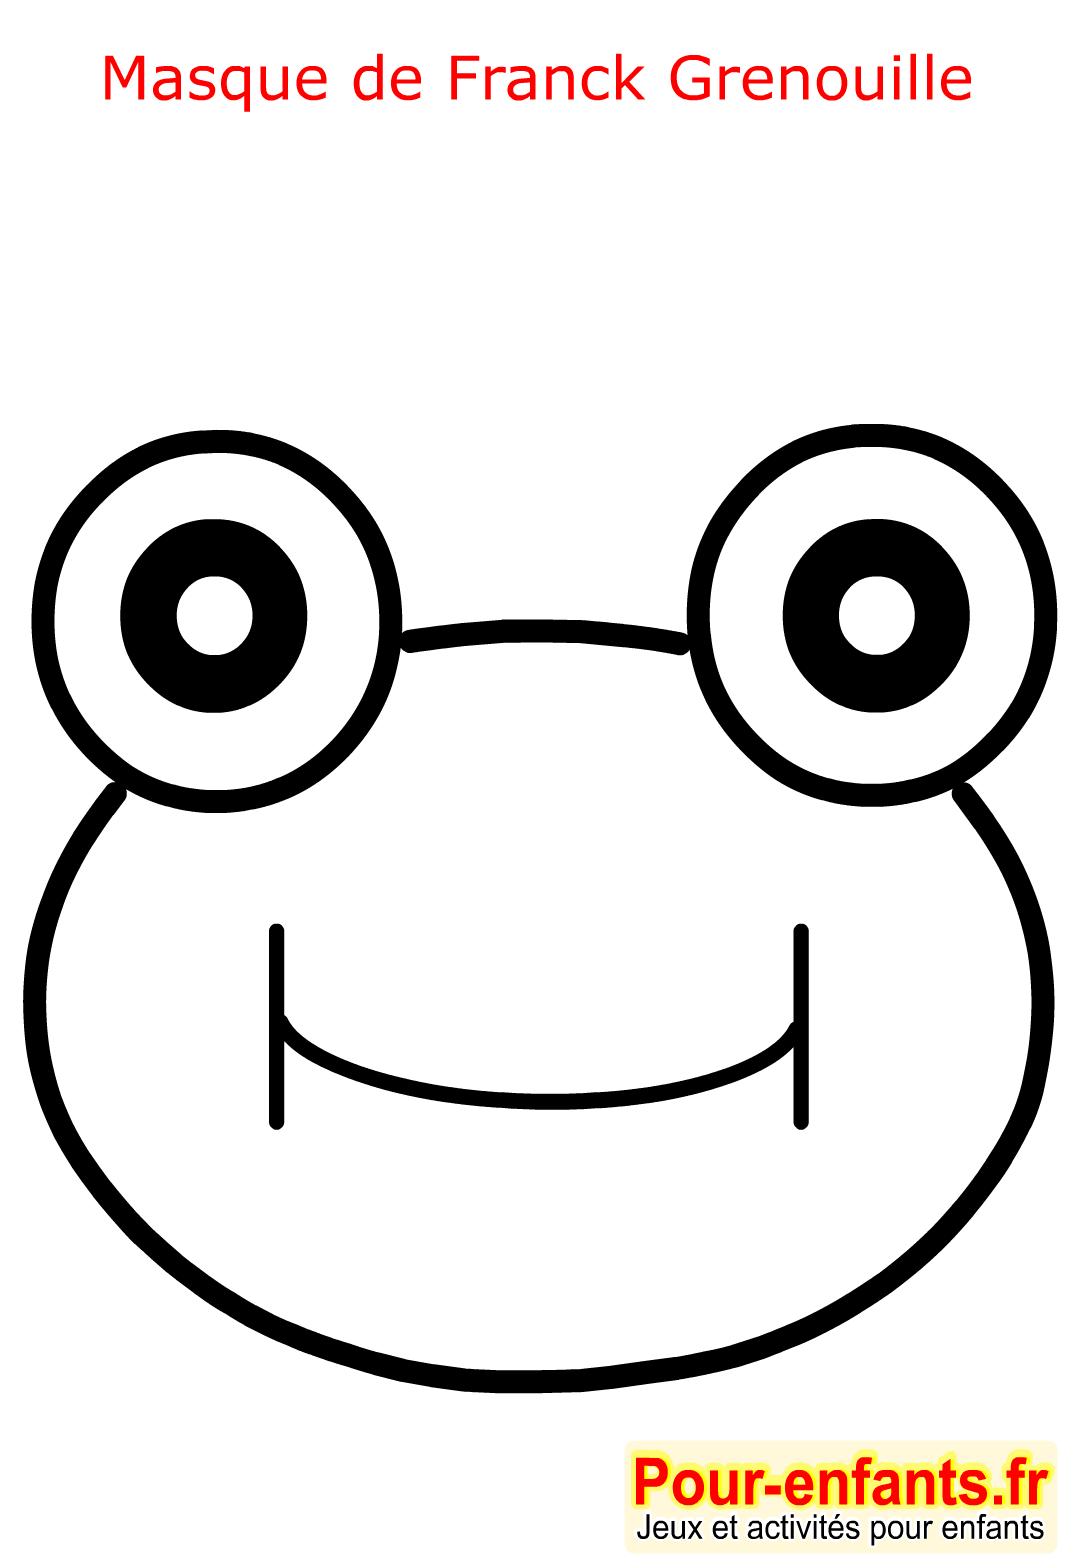 Masque de carnaval coloriage grenouille enfant fabrication masques faire deguisement enfants - Dessin de grenouille a imprimer ...